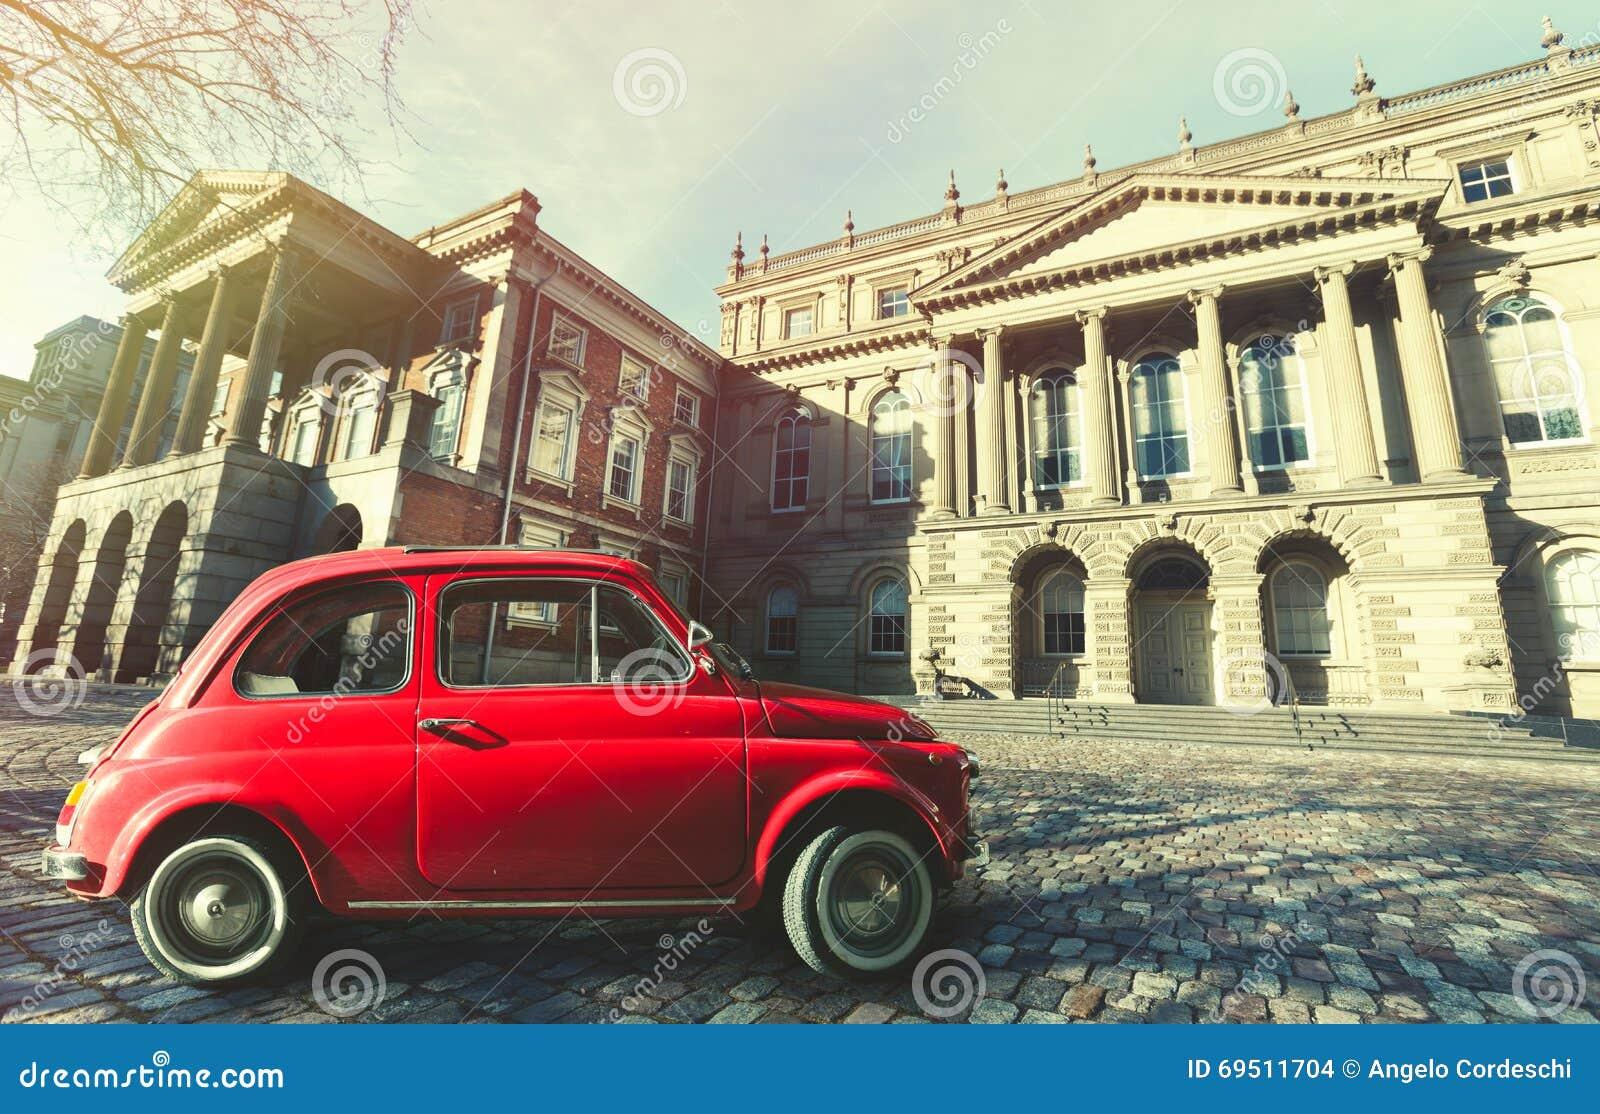 Rocznika stary klasyczny włoski czerwony samochód Osgoode Hall, historyczny budynek Toronto, Kanada